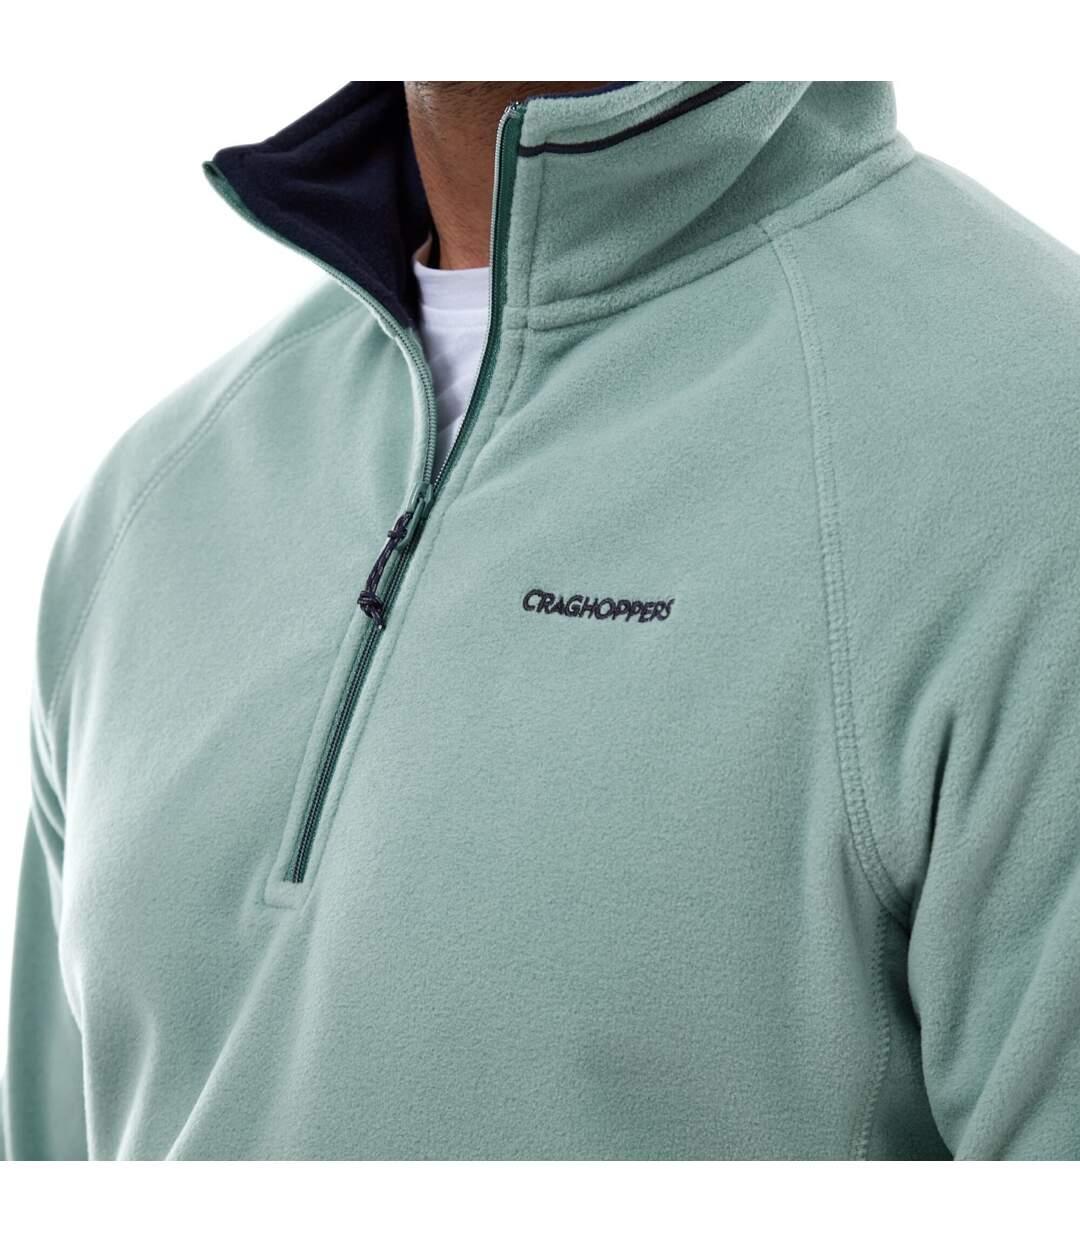 Craghoppers Mens Corey VI Half Zip Fleece Top (Dusty Aqua) - UTCG1466